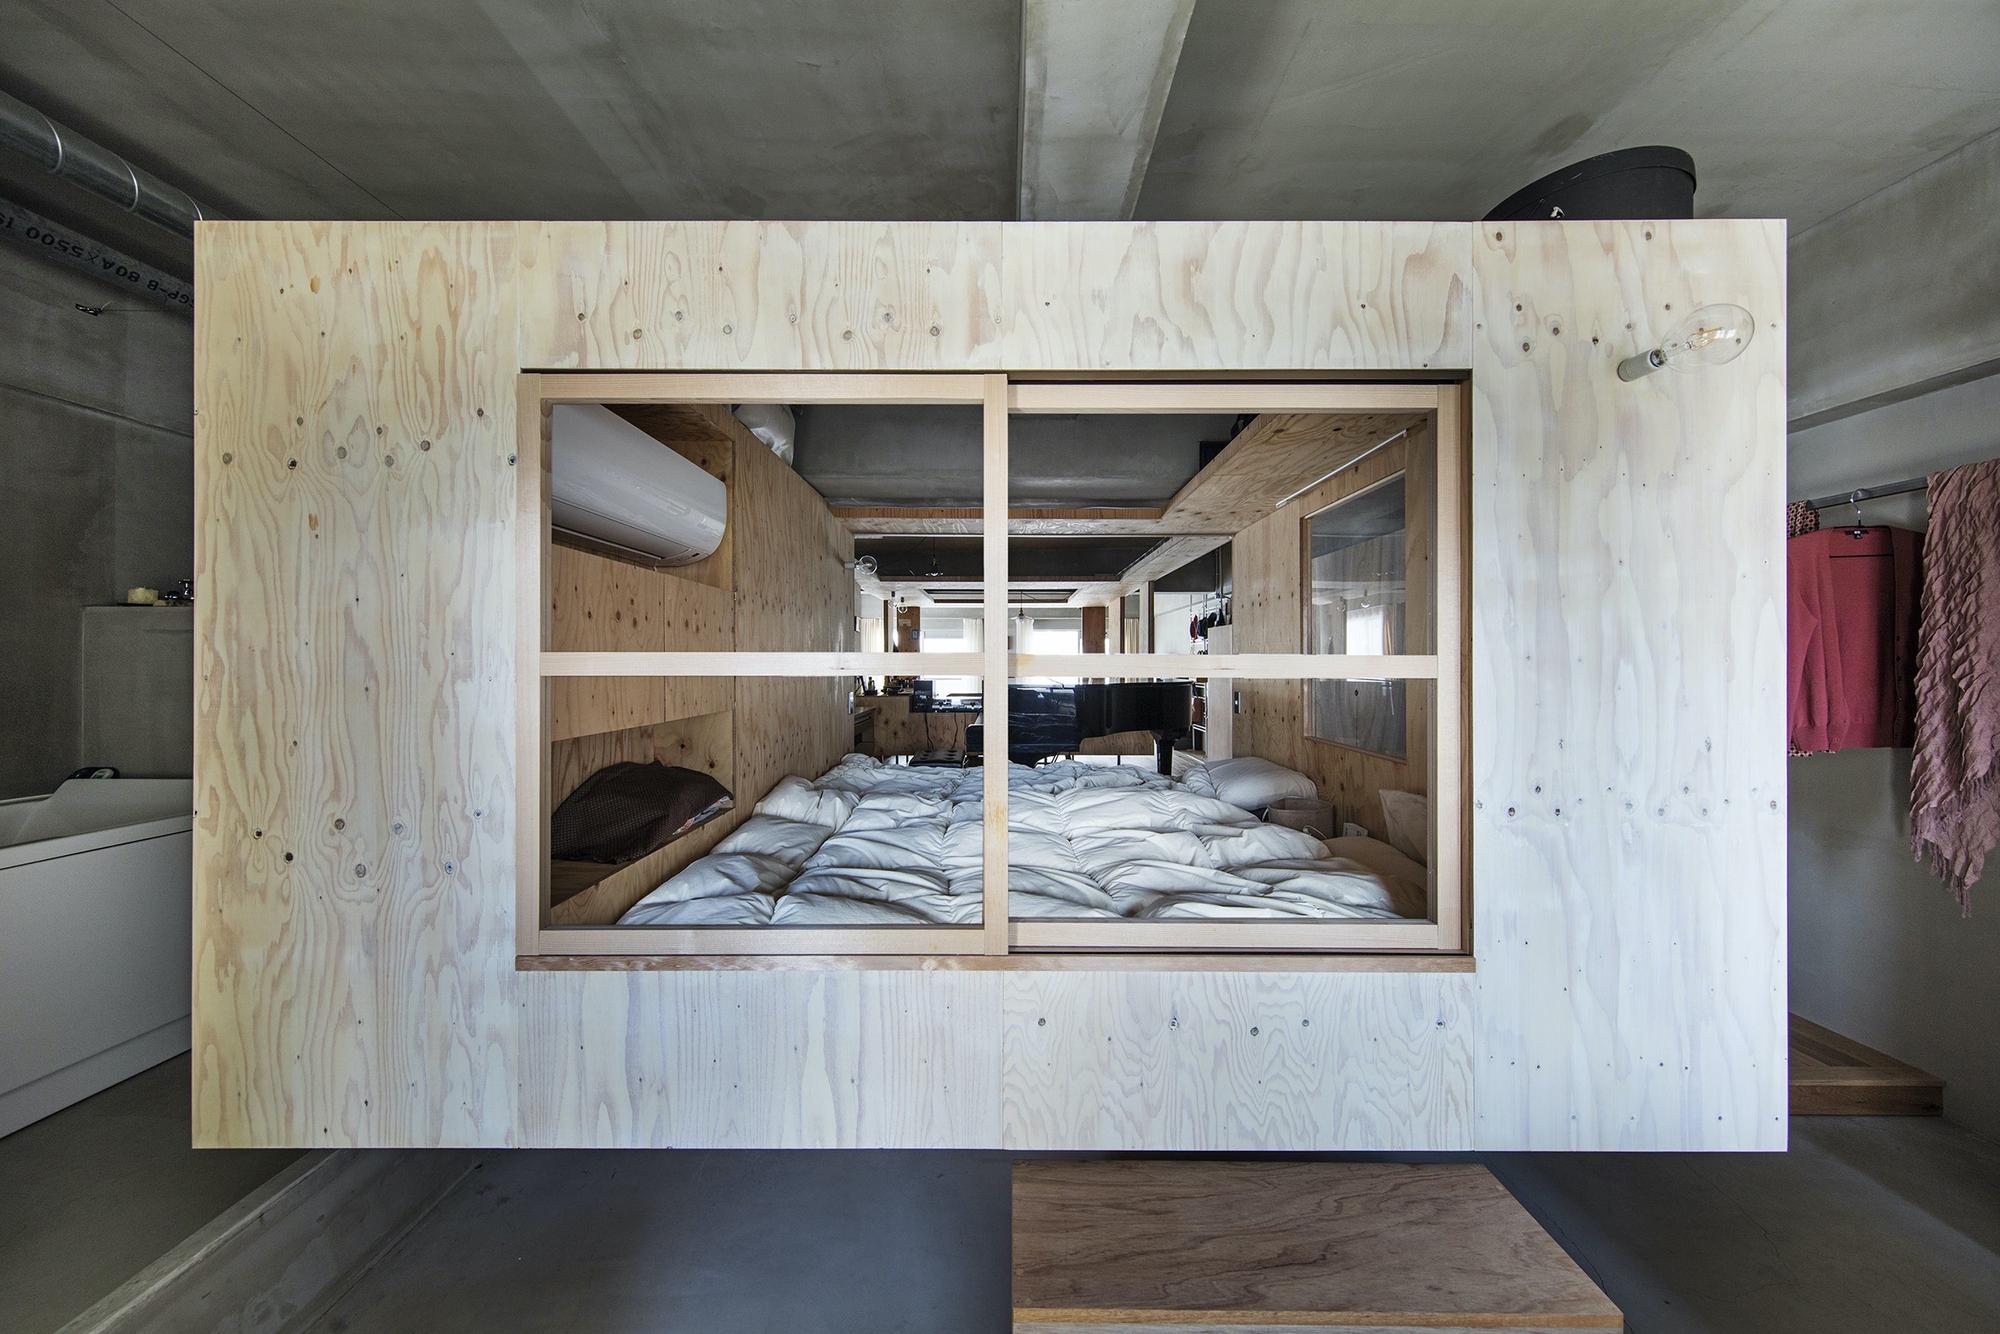 House of Ichijoji / YAP Architects